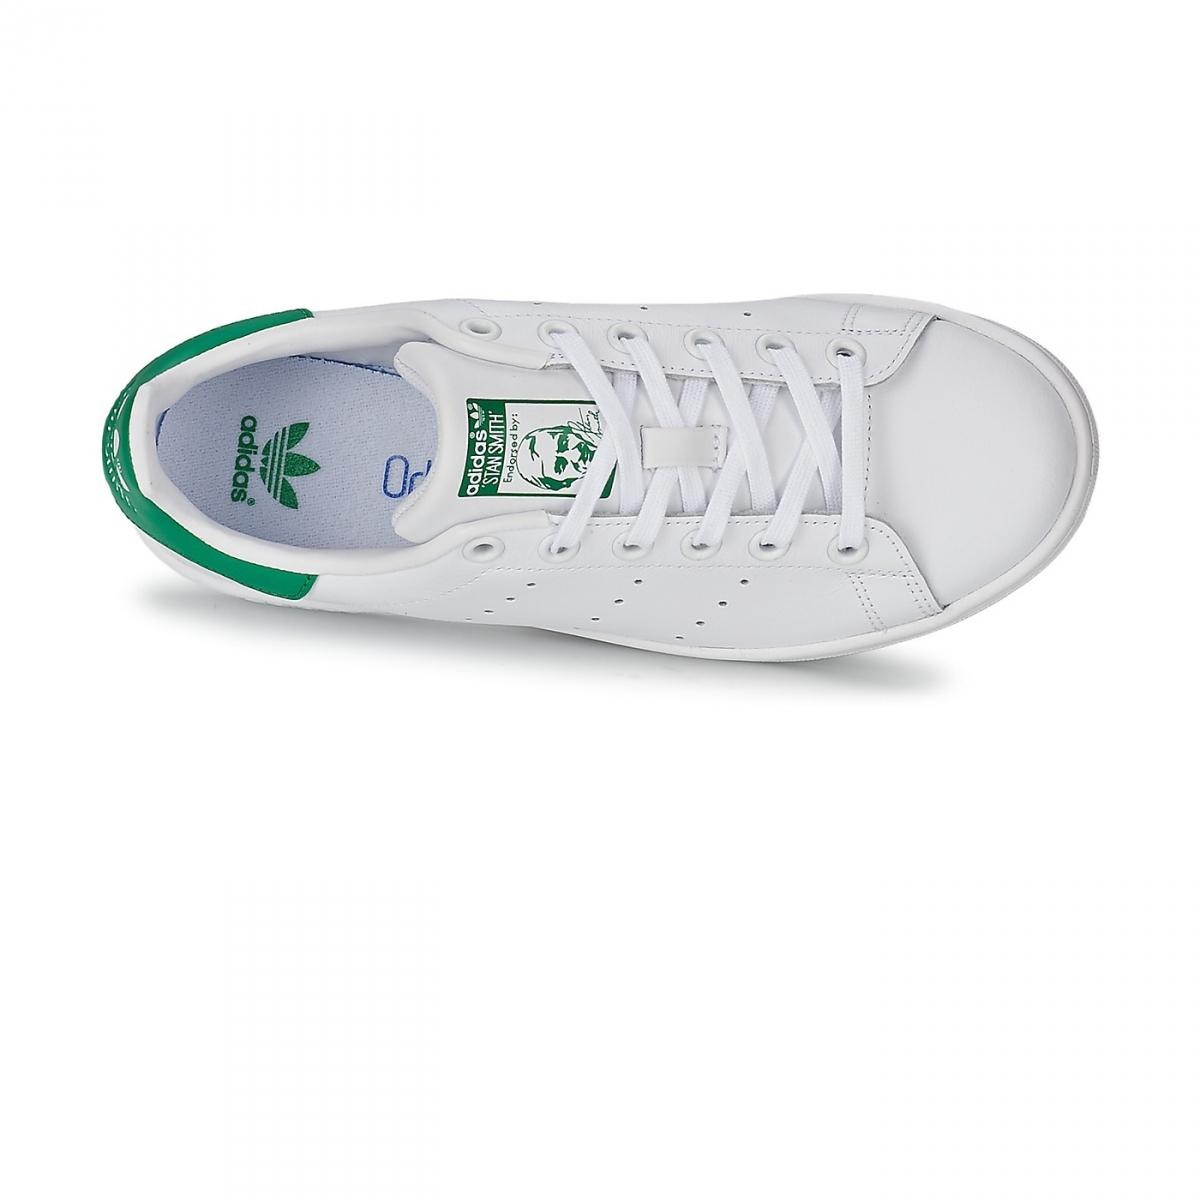 Chaussures Stan Smith Blanc/Vert Jw